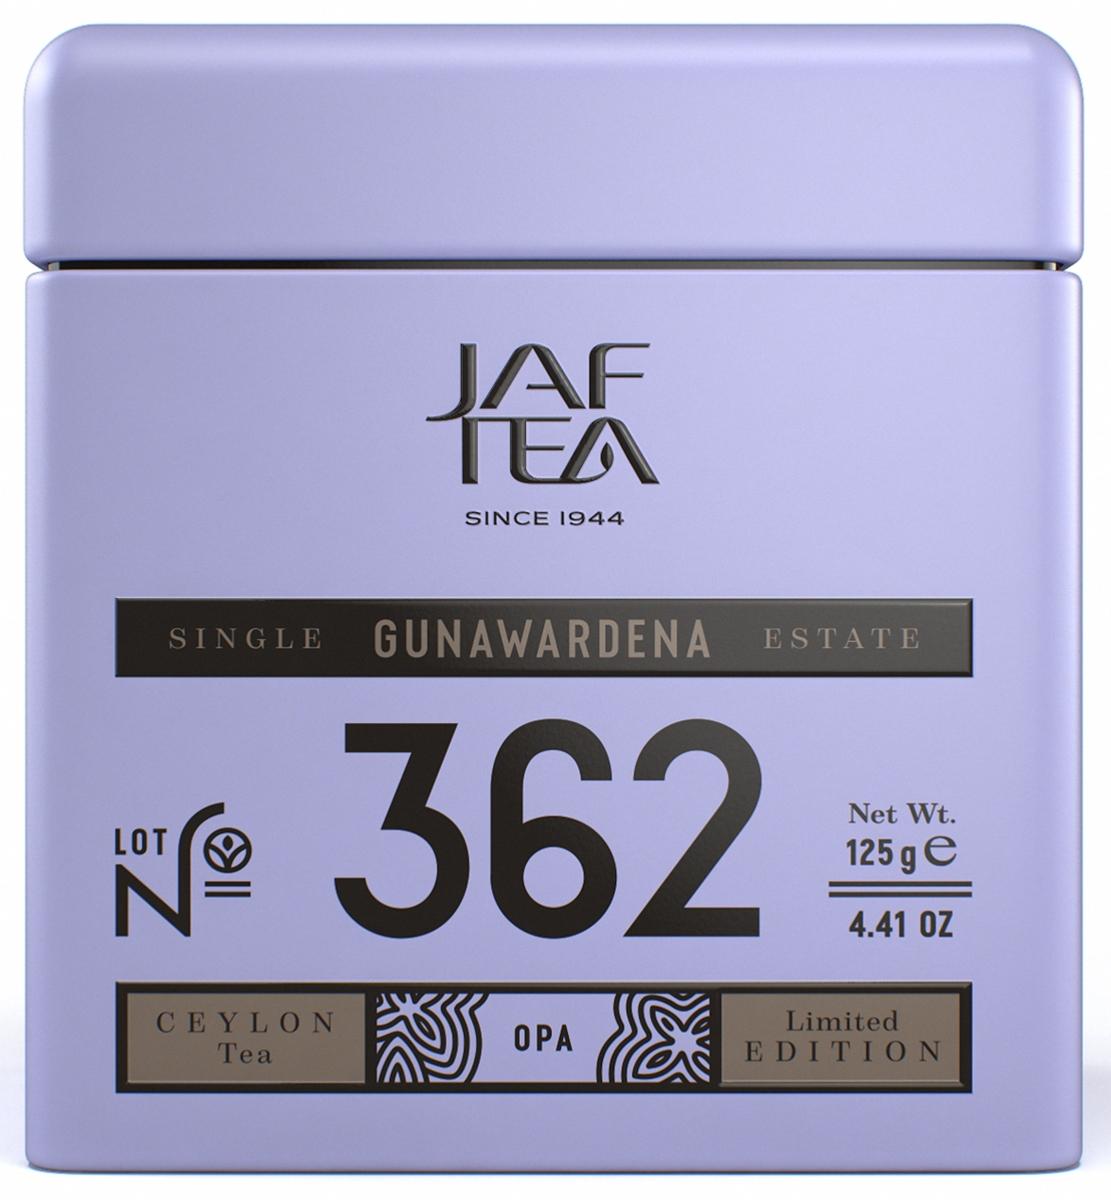 Jaf Tea Single Estate Gunawardena чай черный листовой, 125 г4791038033189GUNAWARDENA – это фамилия семьи чайного производителя, который находится в южном шриланкийском городе Akuressa на предгорьях чайного региона Ruhuna. Здесь во влажном жарком климате с обильными осадками, густо растут чайные кусты, гораздо быстрее, чем в высокогорье. Такие листья по размеру больше и сочнее - идеальные для сорта OPA (Orange Pekoe A) – самый длиннолистовой из цейлонских сортов чая. Этот чай с тёмно-чёрными длинными листьями один из видов чая сорта OPA. Наши чайные эксперты любят этот чай за среднюю крепость, душистый аромат и похожий на карамель вкус.